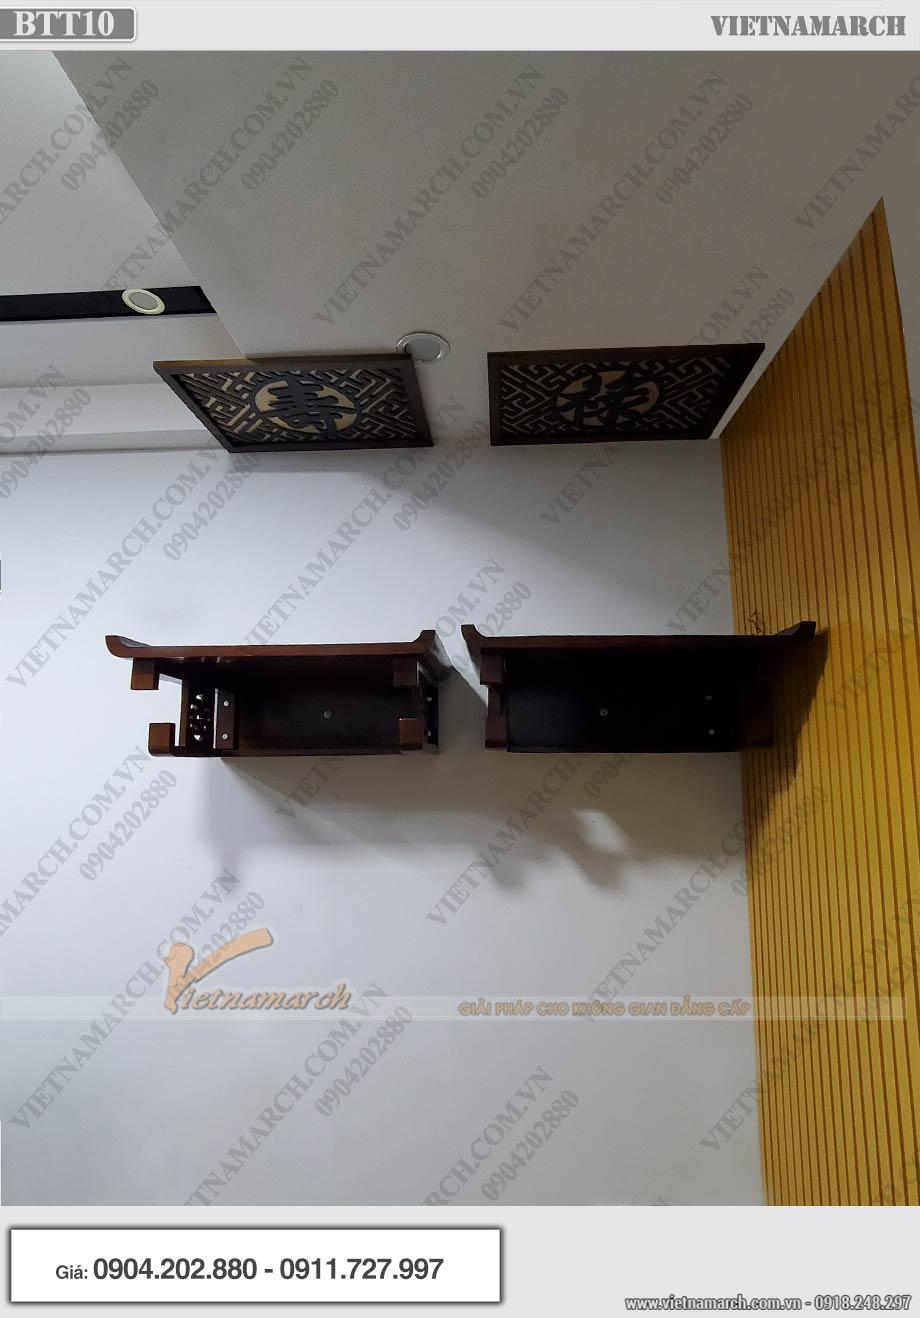 Cách lắp đặt bàn thờ bên nội bên ngoại bằng bàn thờ treo chuẩn phong thủy